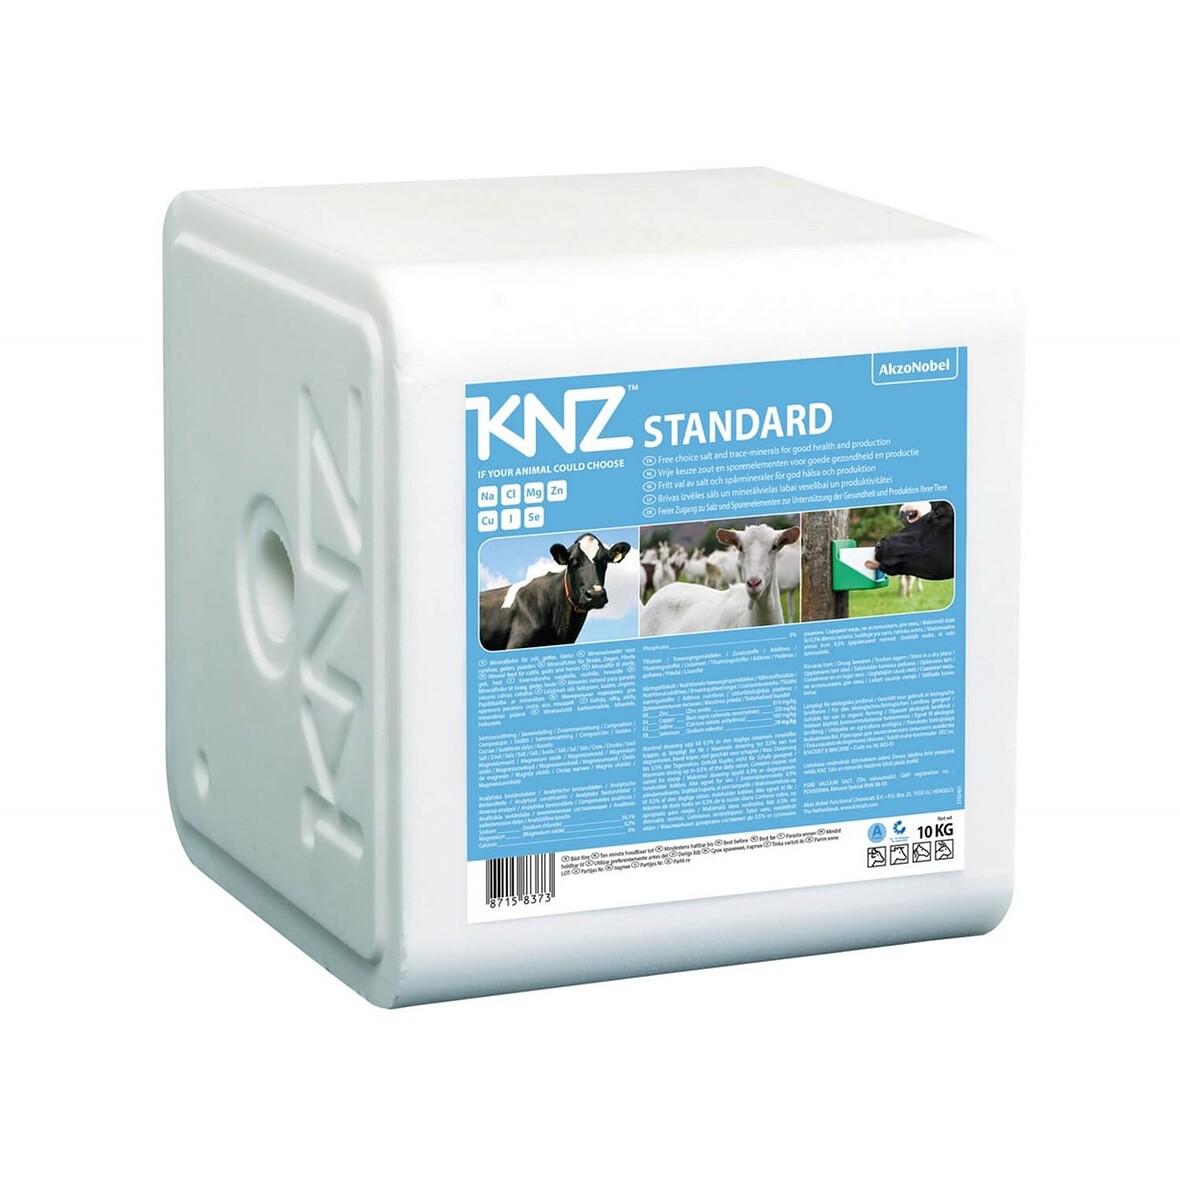 knz_standard